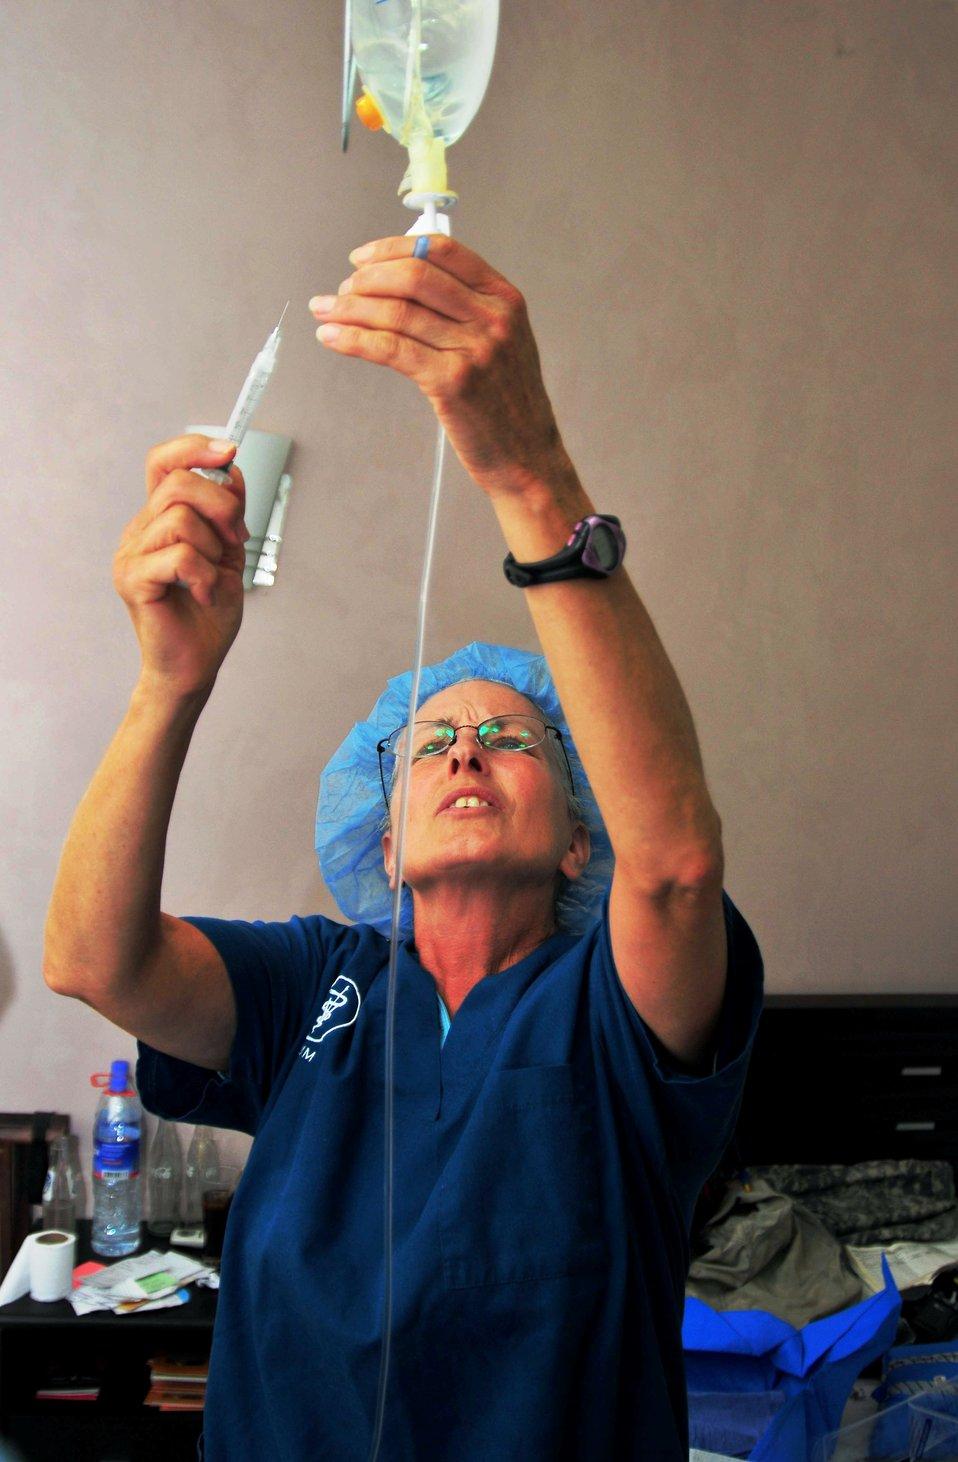 Vets Without Borders Veterinarian Dr. Louis Castalenelli Prepares an Intravenous Fluid Bag